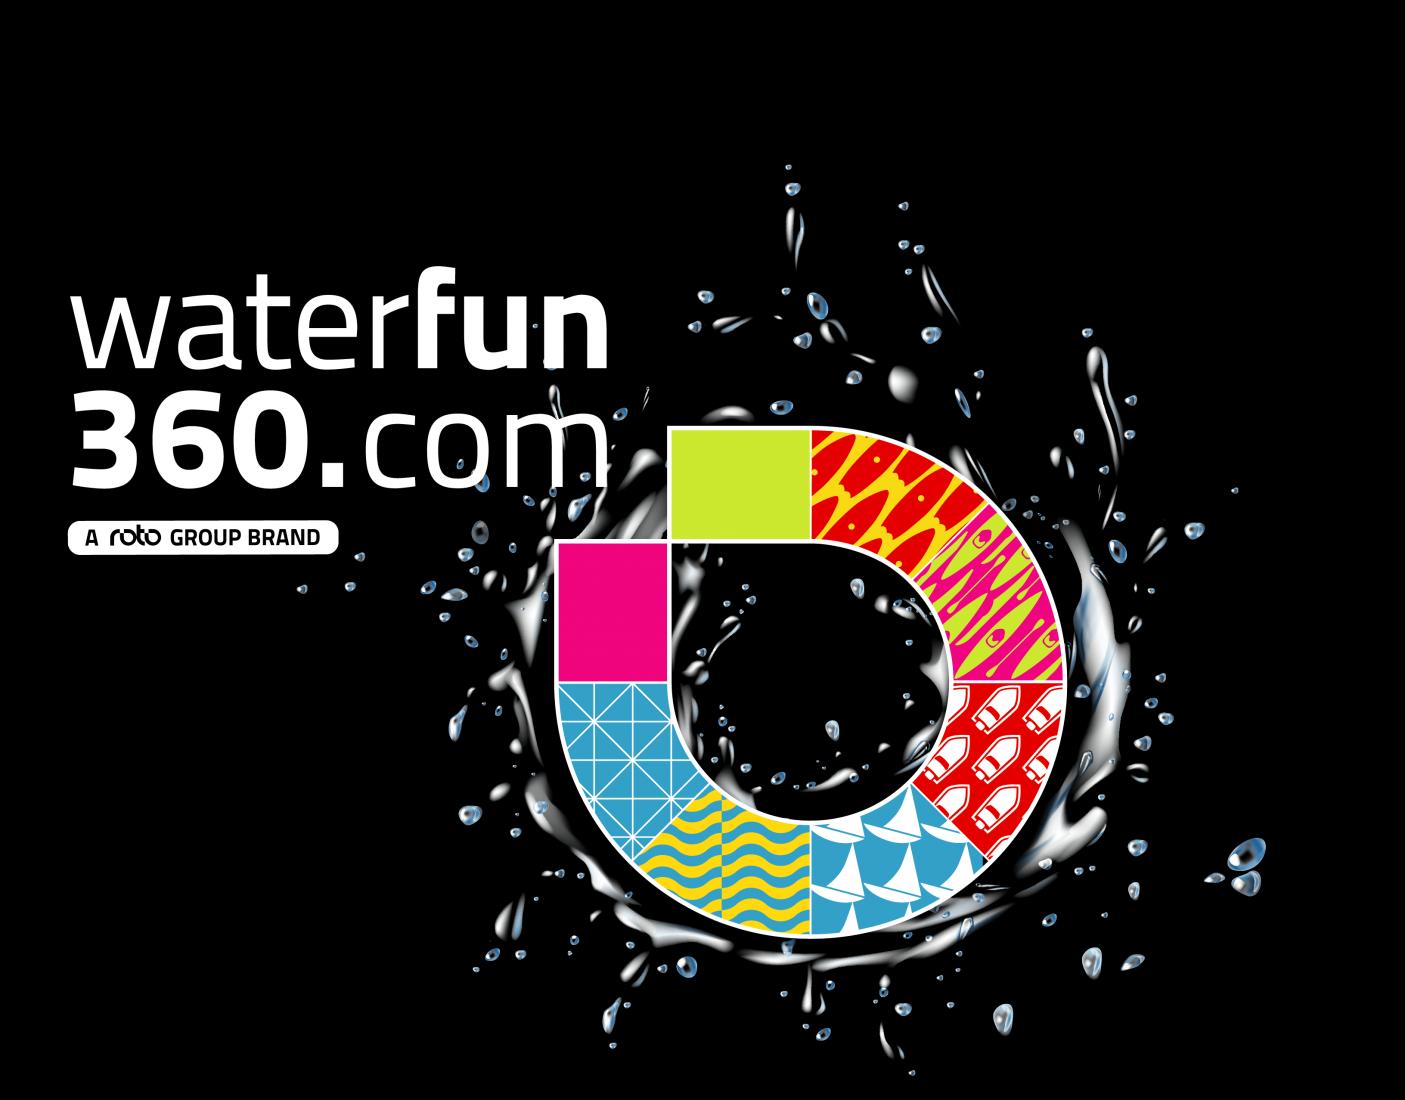 https://www.imago.si/wp-content/uploads/2021/09/WF360-logo-barvne-podlage-16-1405x1100.png